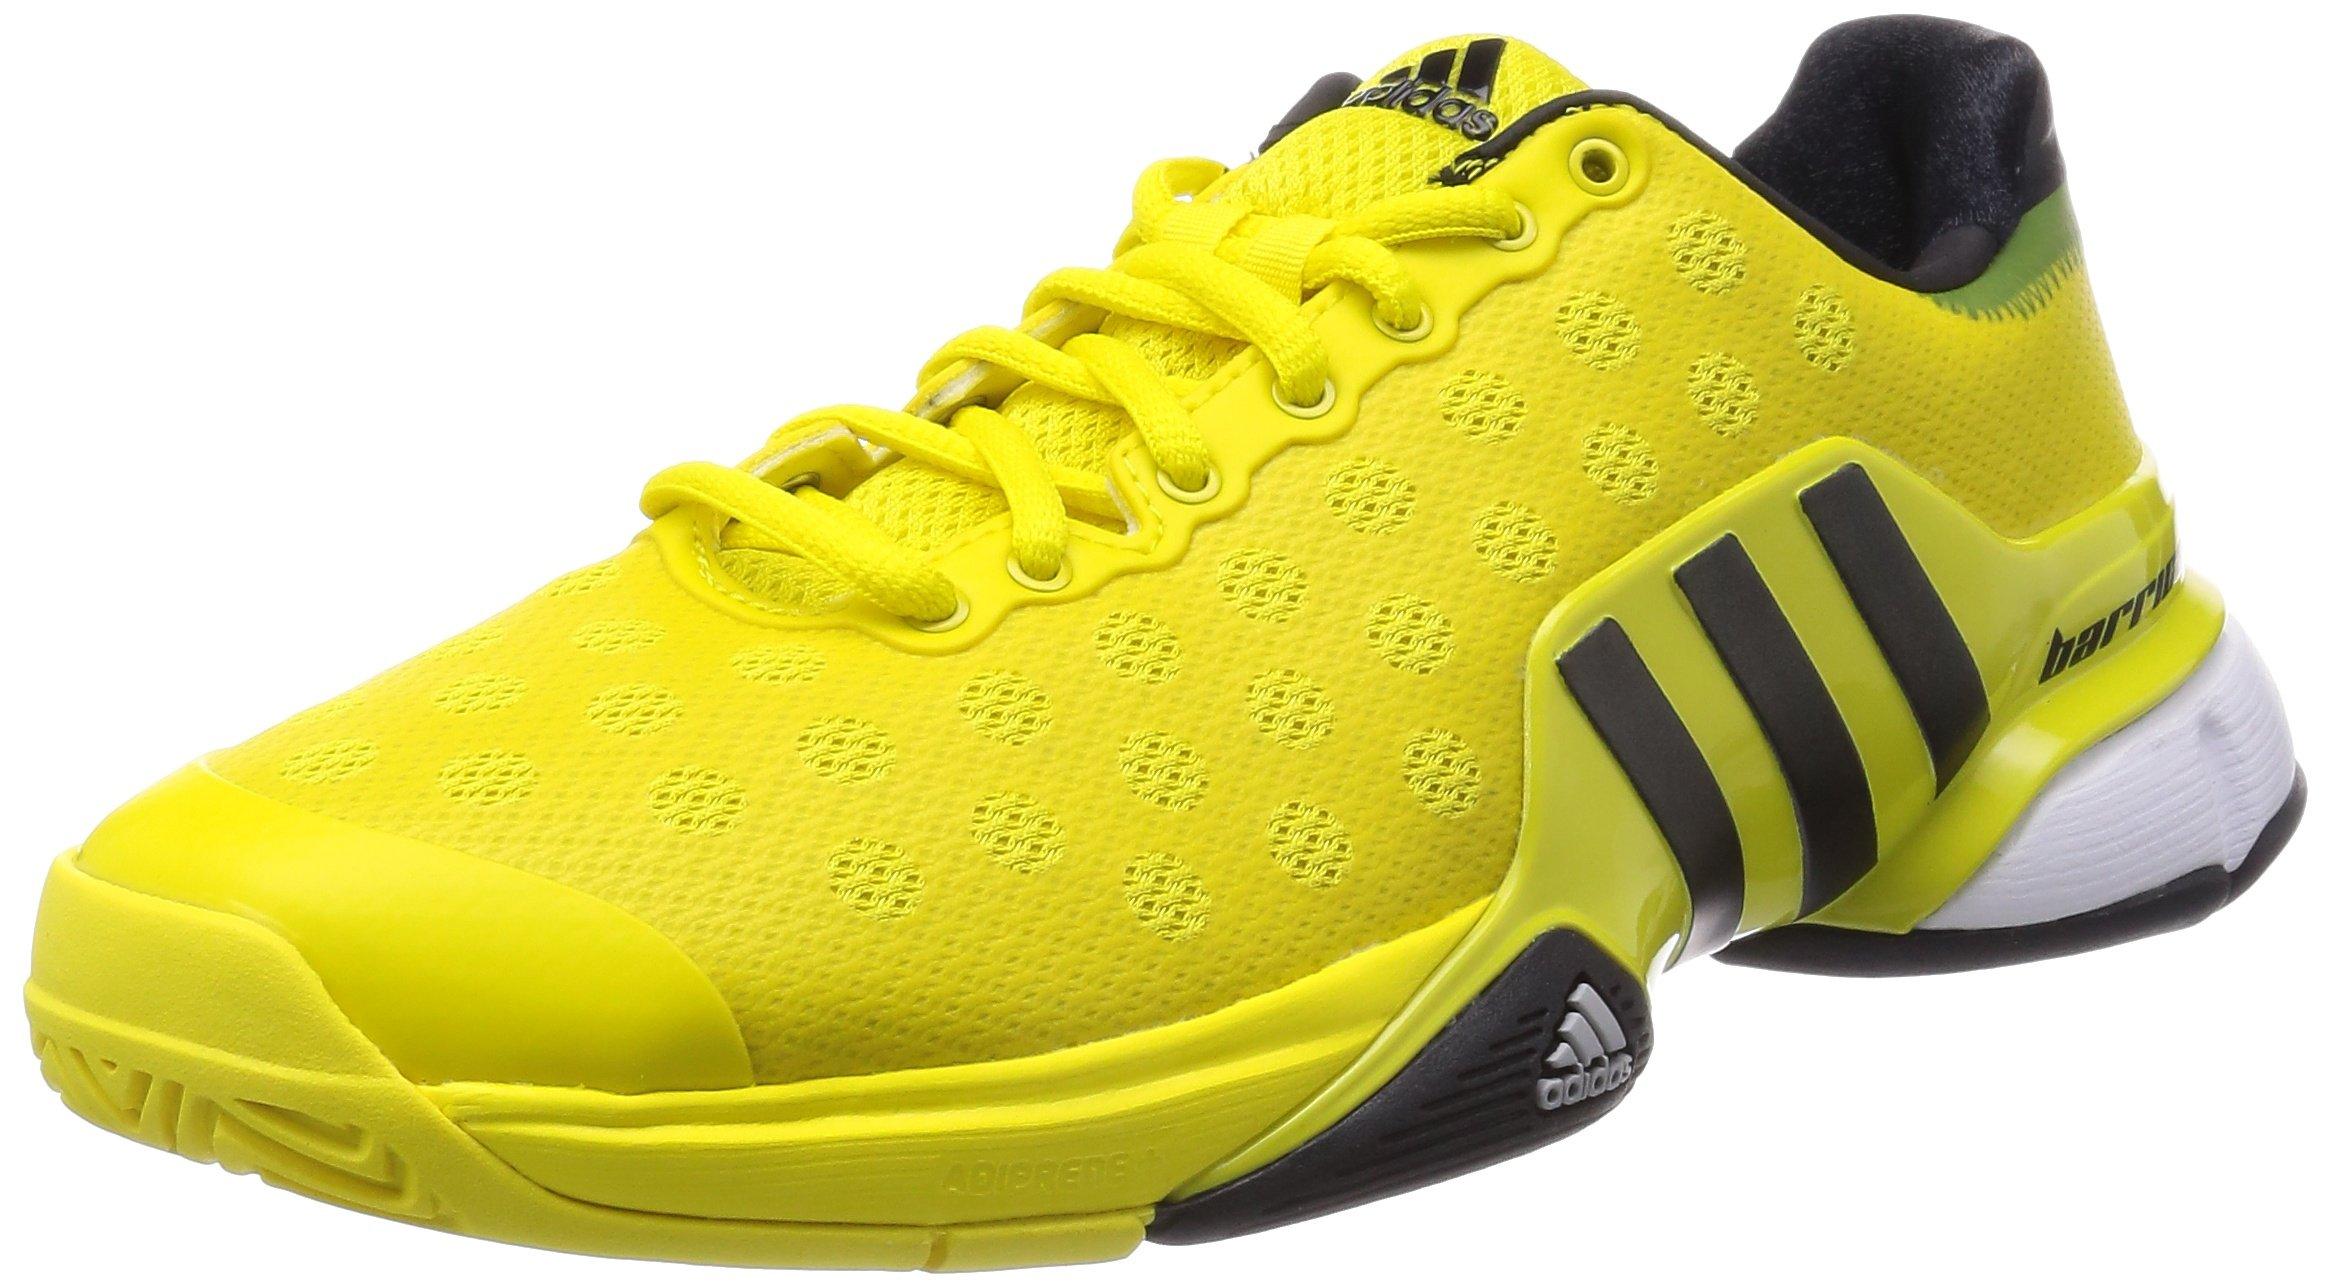 adidas Barricade 2015 – Zapatillas de Tenis – AW15, Color Negro, Talla 48 EU: Amazon.es: Zapatos y complementos